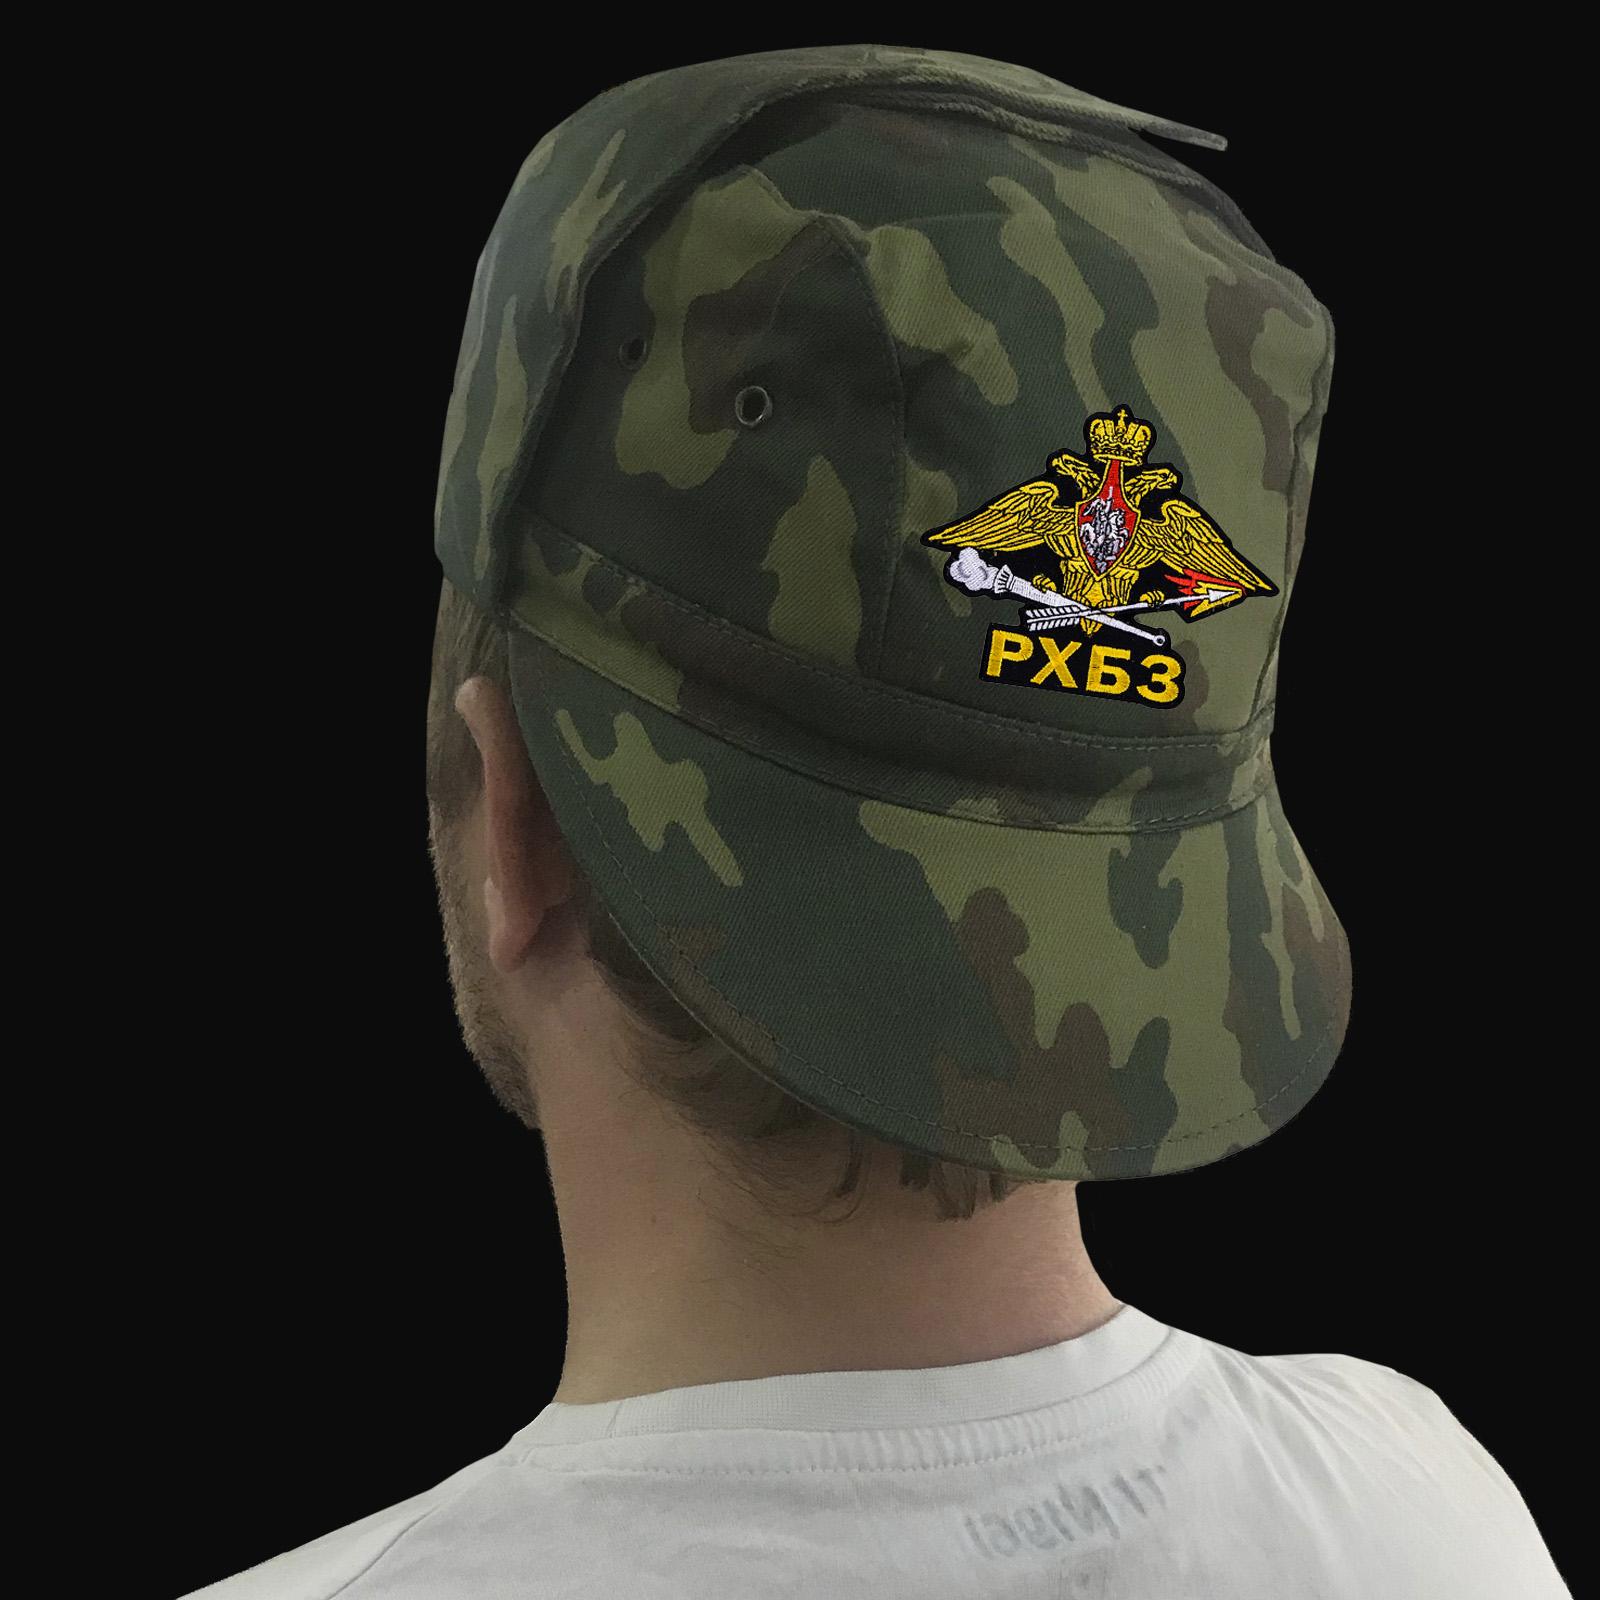 Кепки, бейсболки и другая одежда с символикой Войск радиационной, химической и биологической защиты